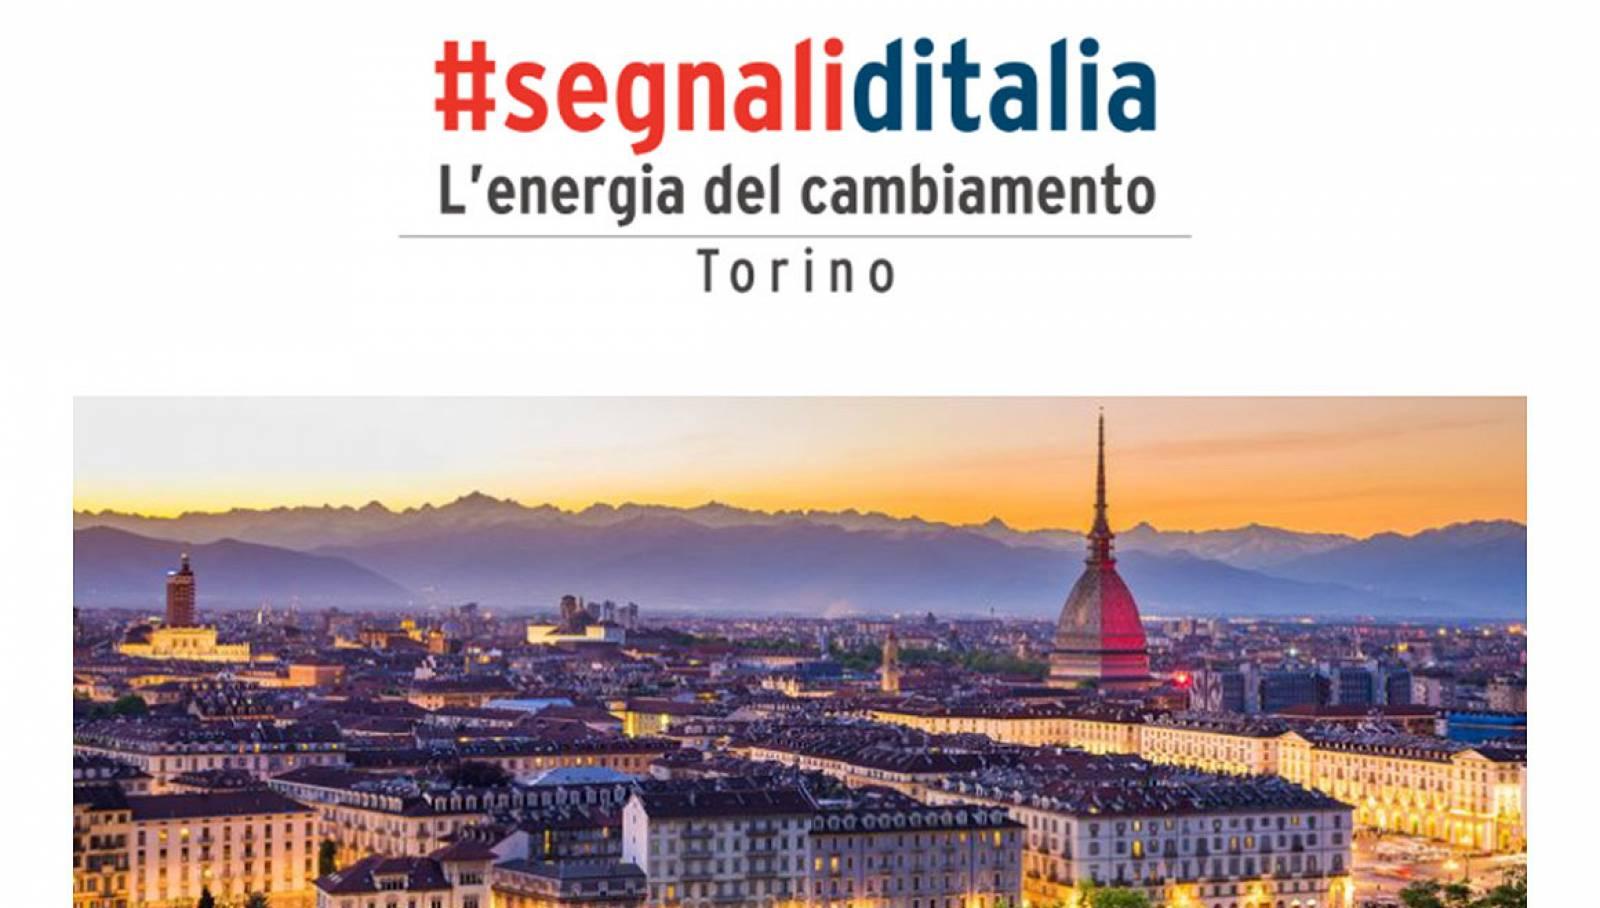 Segnali d'Italia L'energia del cambiamento Torino